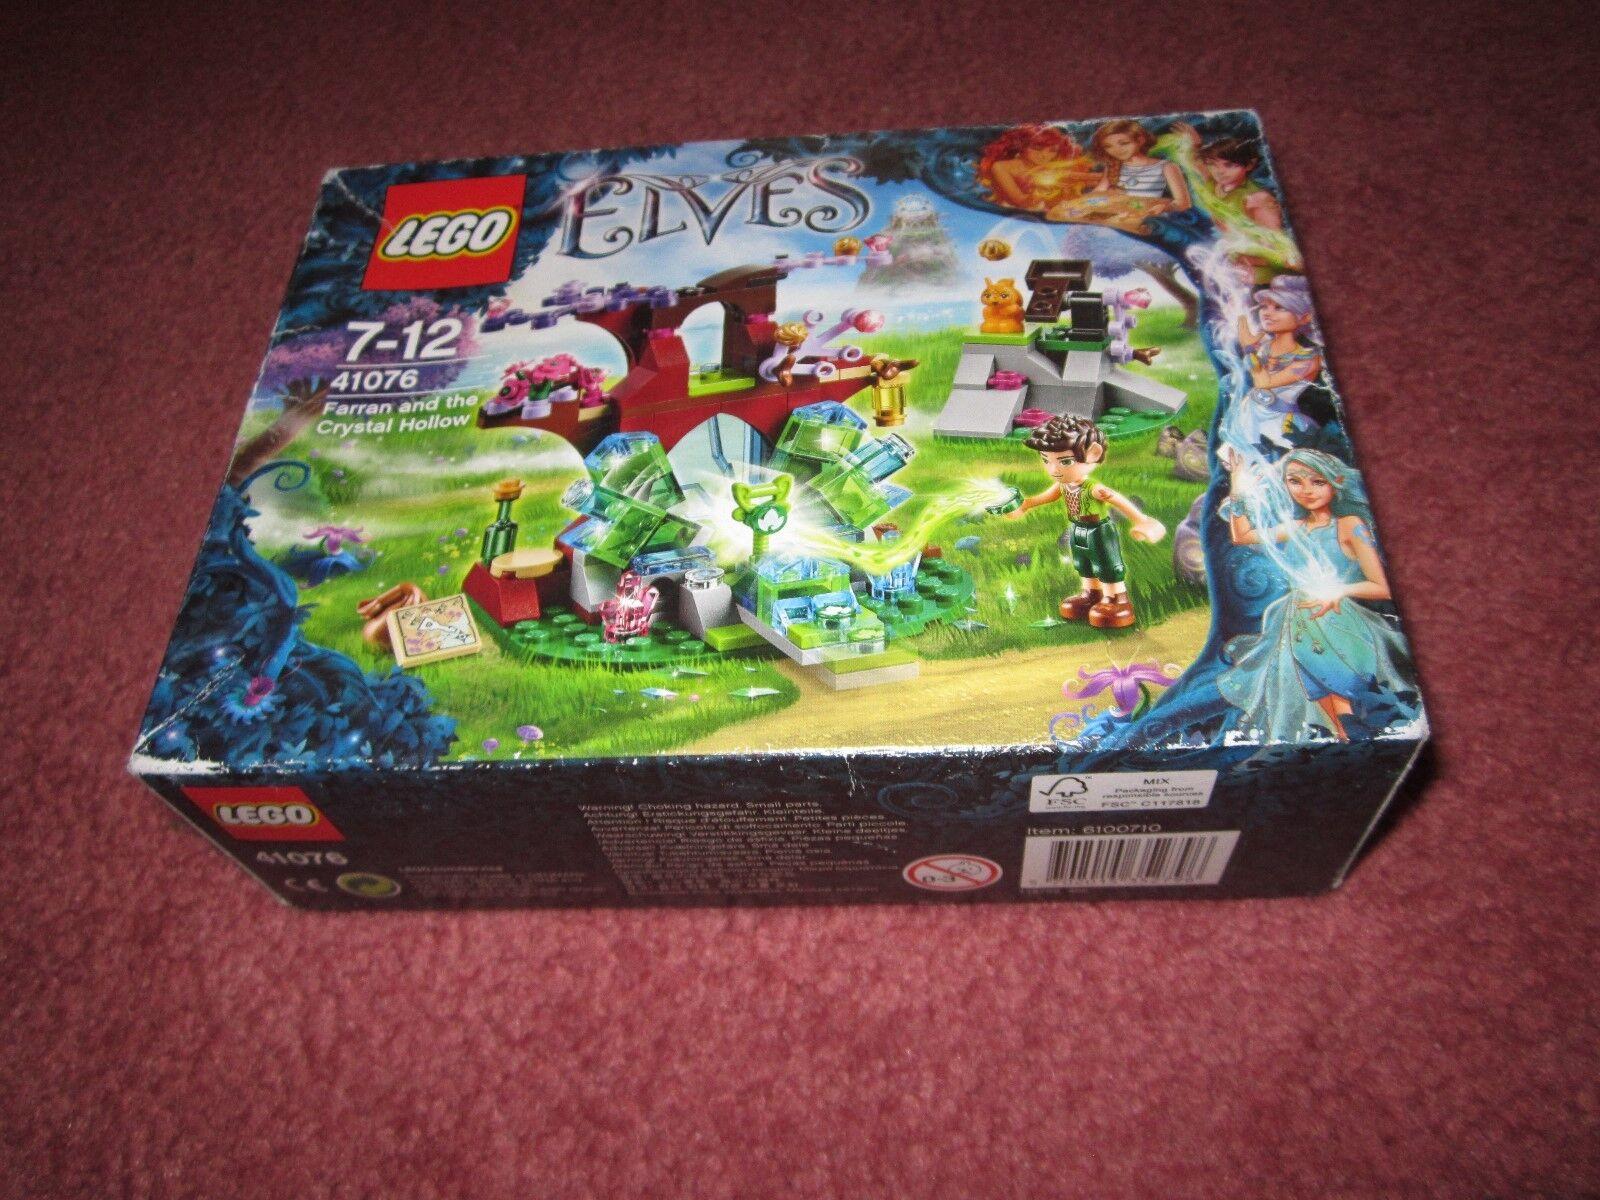 LEGO Elfi  Farran e il cristtuttio Hollow 41076 vedi foto-NUOVI SIGILLATI  buon prezzo